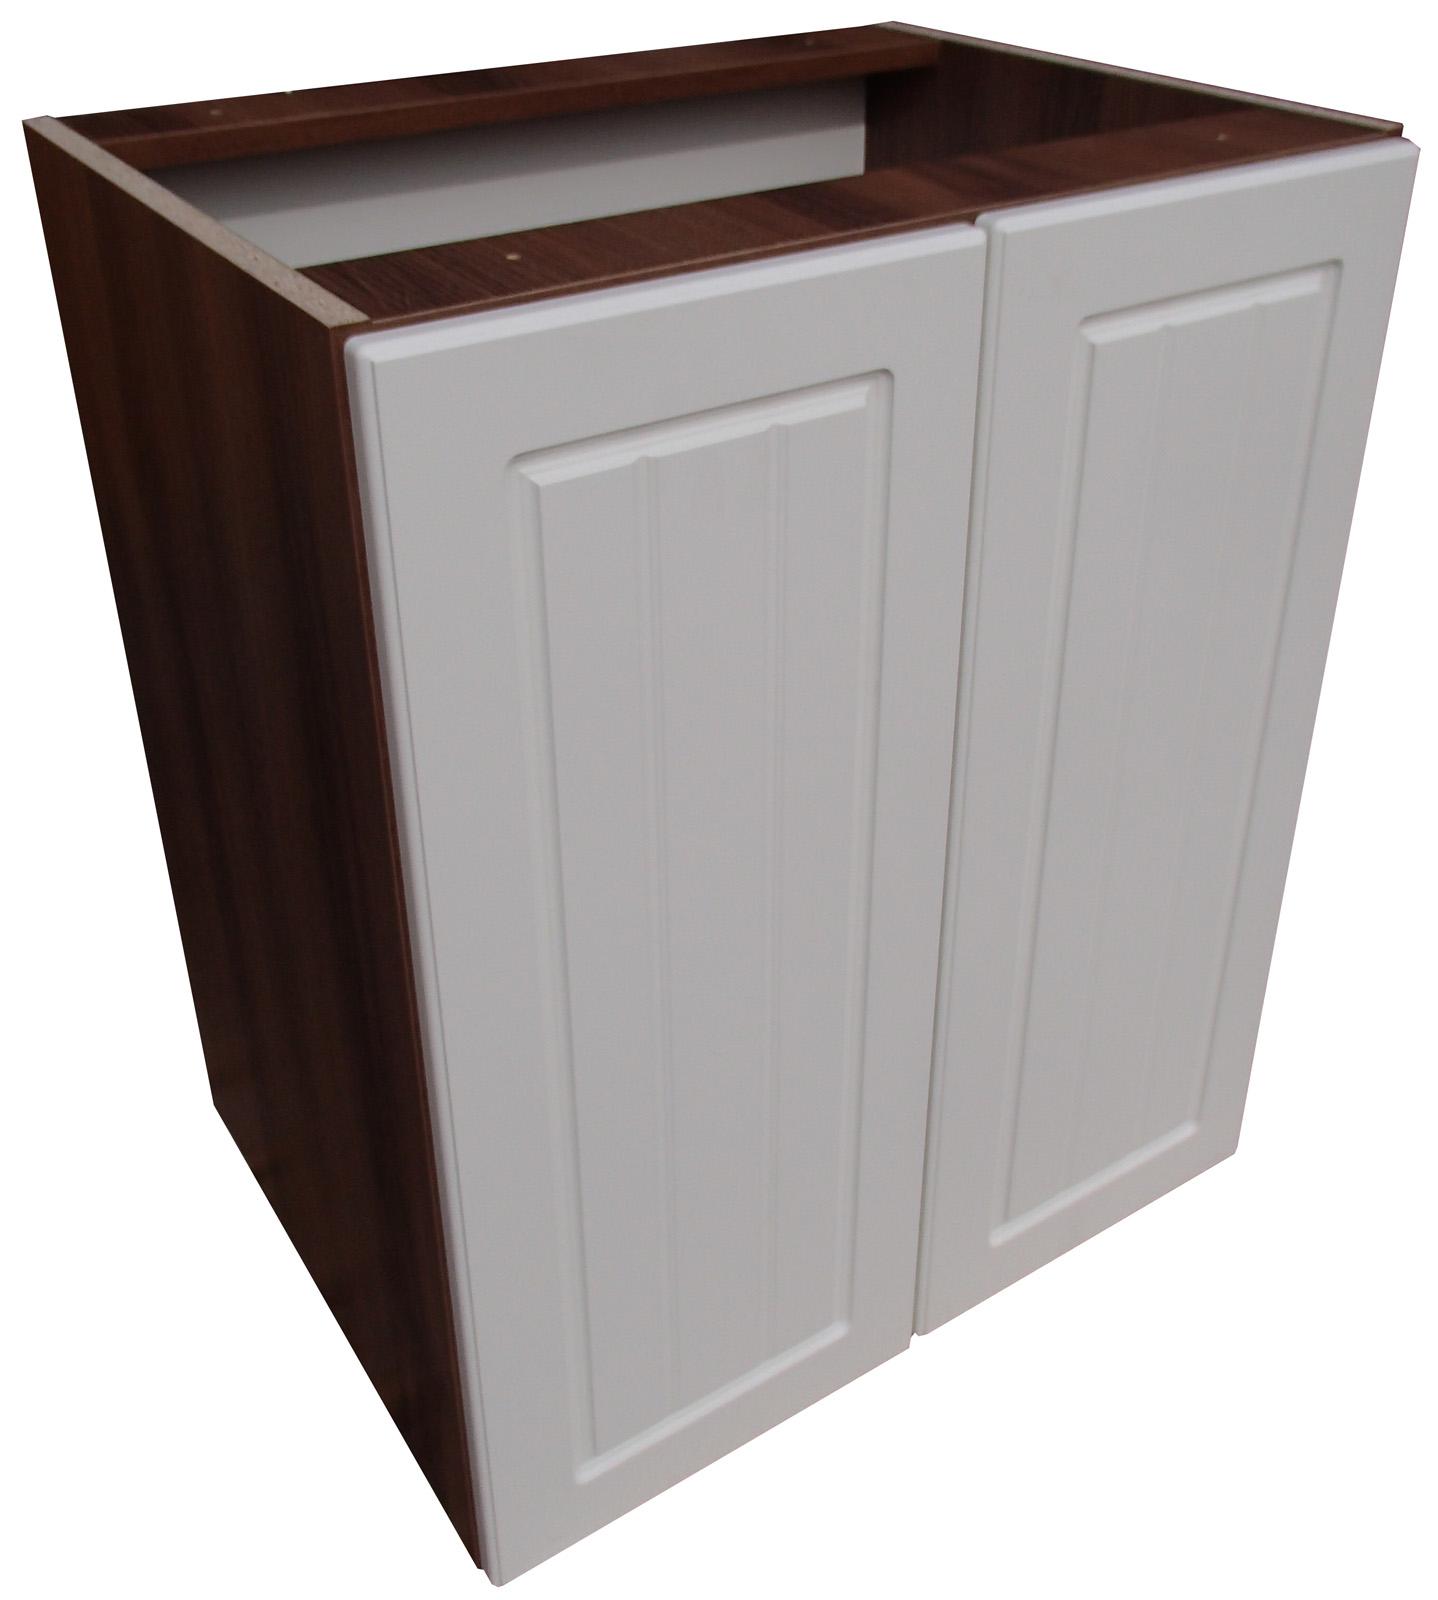 Spodní kuchyňská skříňka 60 cm - bílá/ wiaz VÝPRODEJ